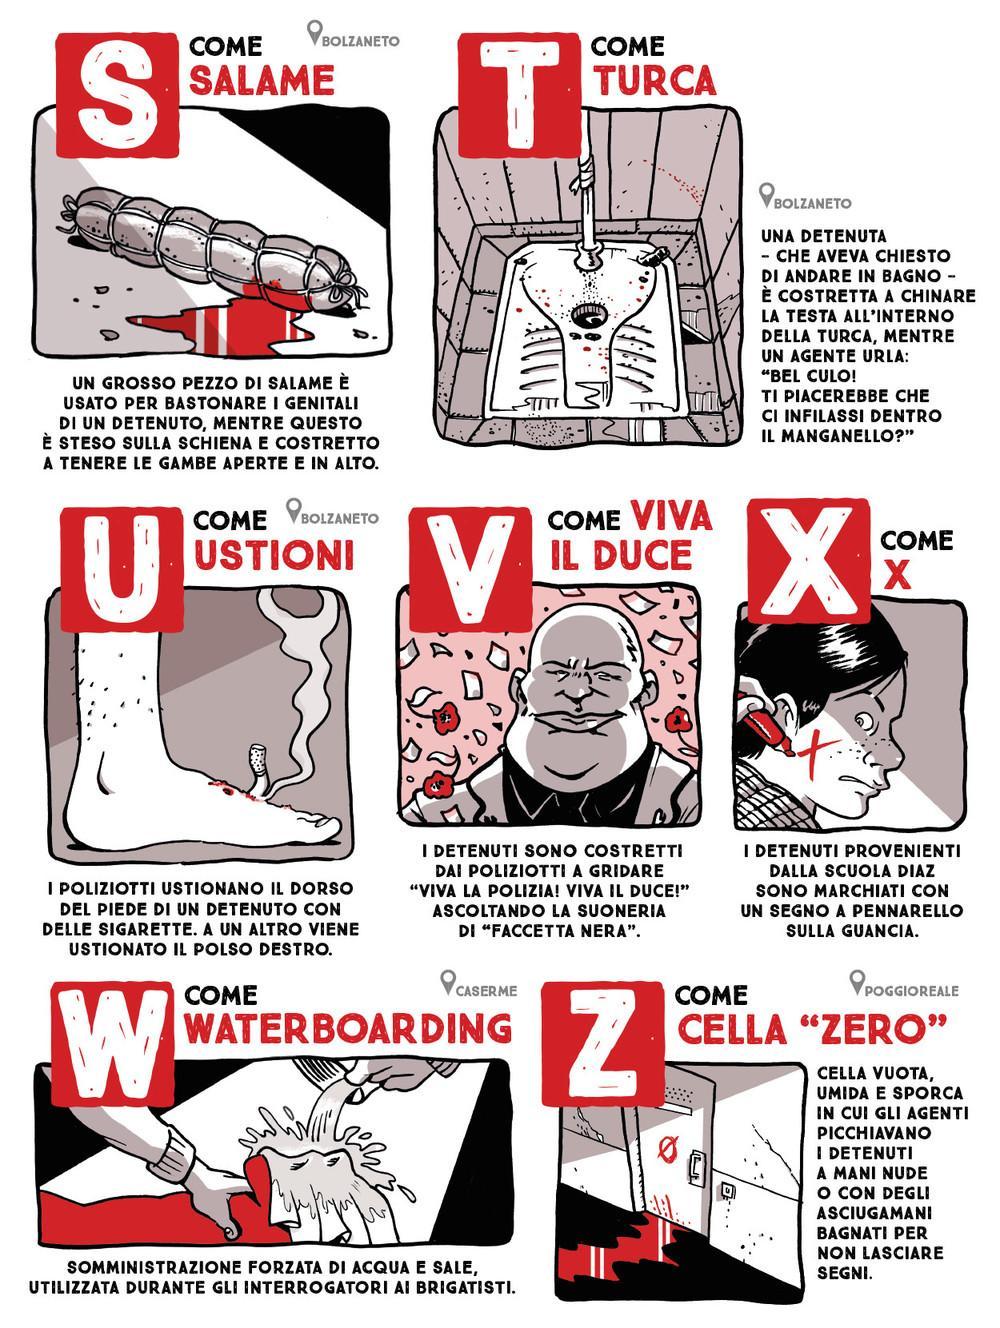 guida-illustrata-alla-tortura-in-italia-body-image-1469039694-size_1000